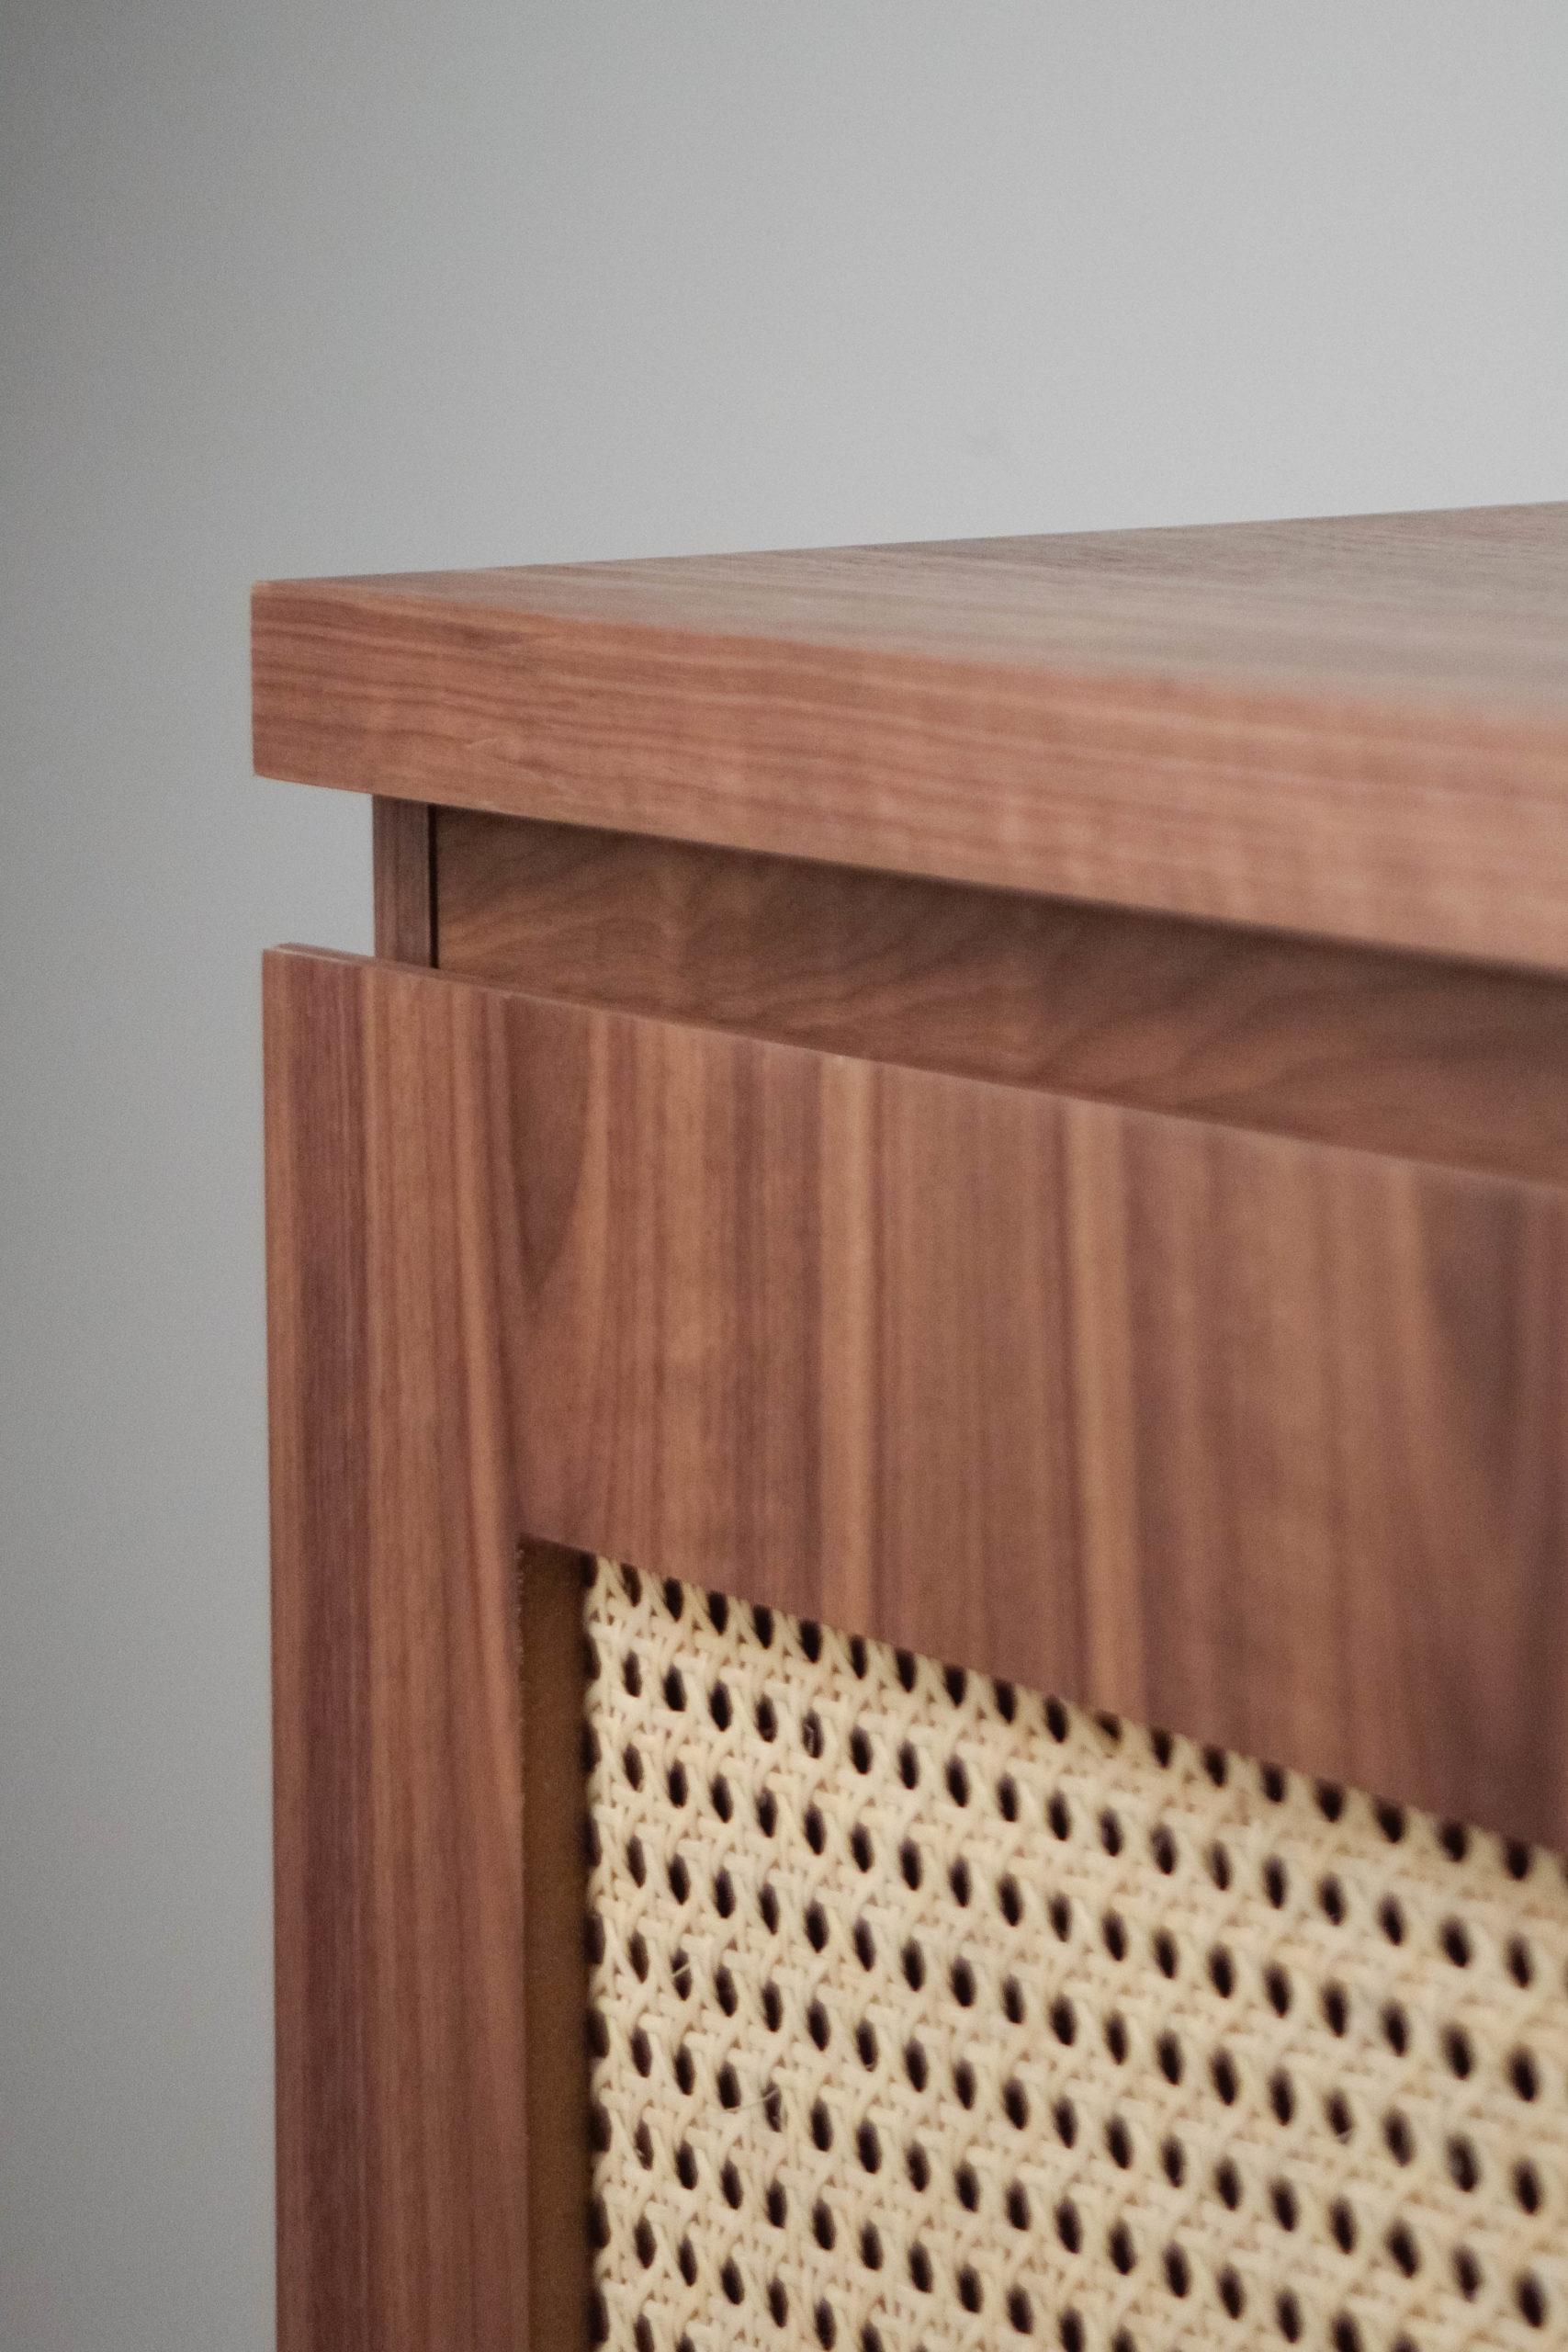 detalle de acabado de calidad carpinteria diseño nogal